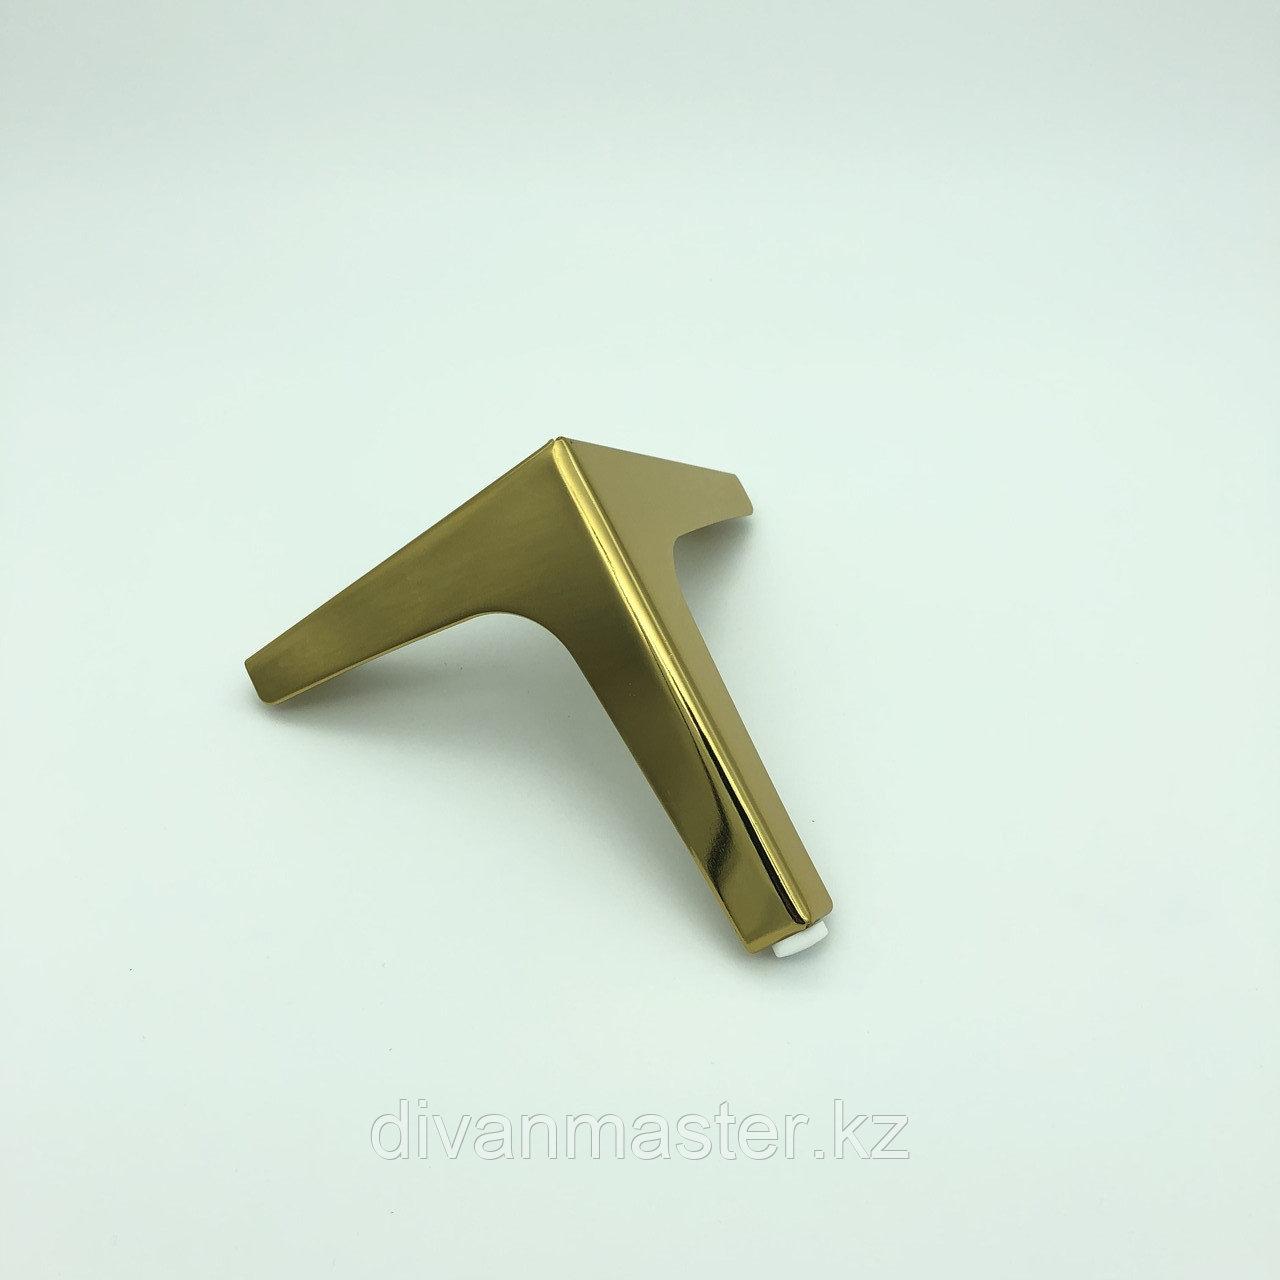 Ножка стальная, для диванов и кресел, золото 15 см